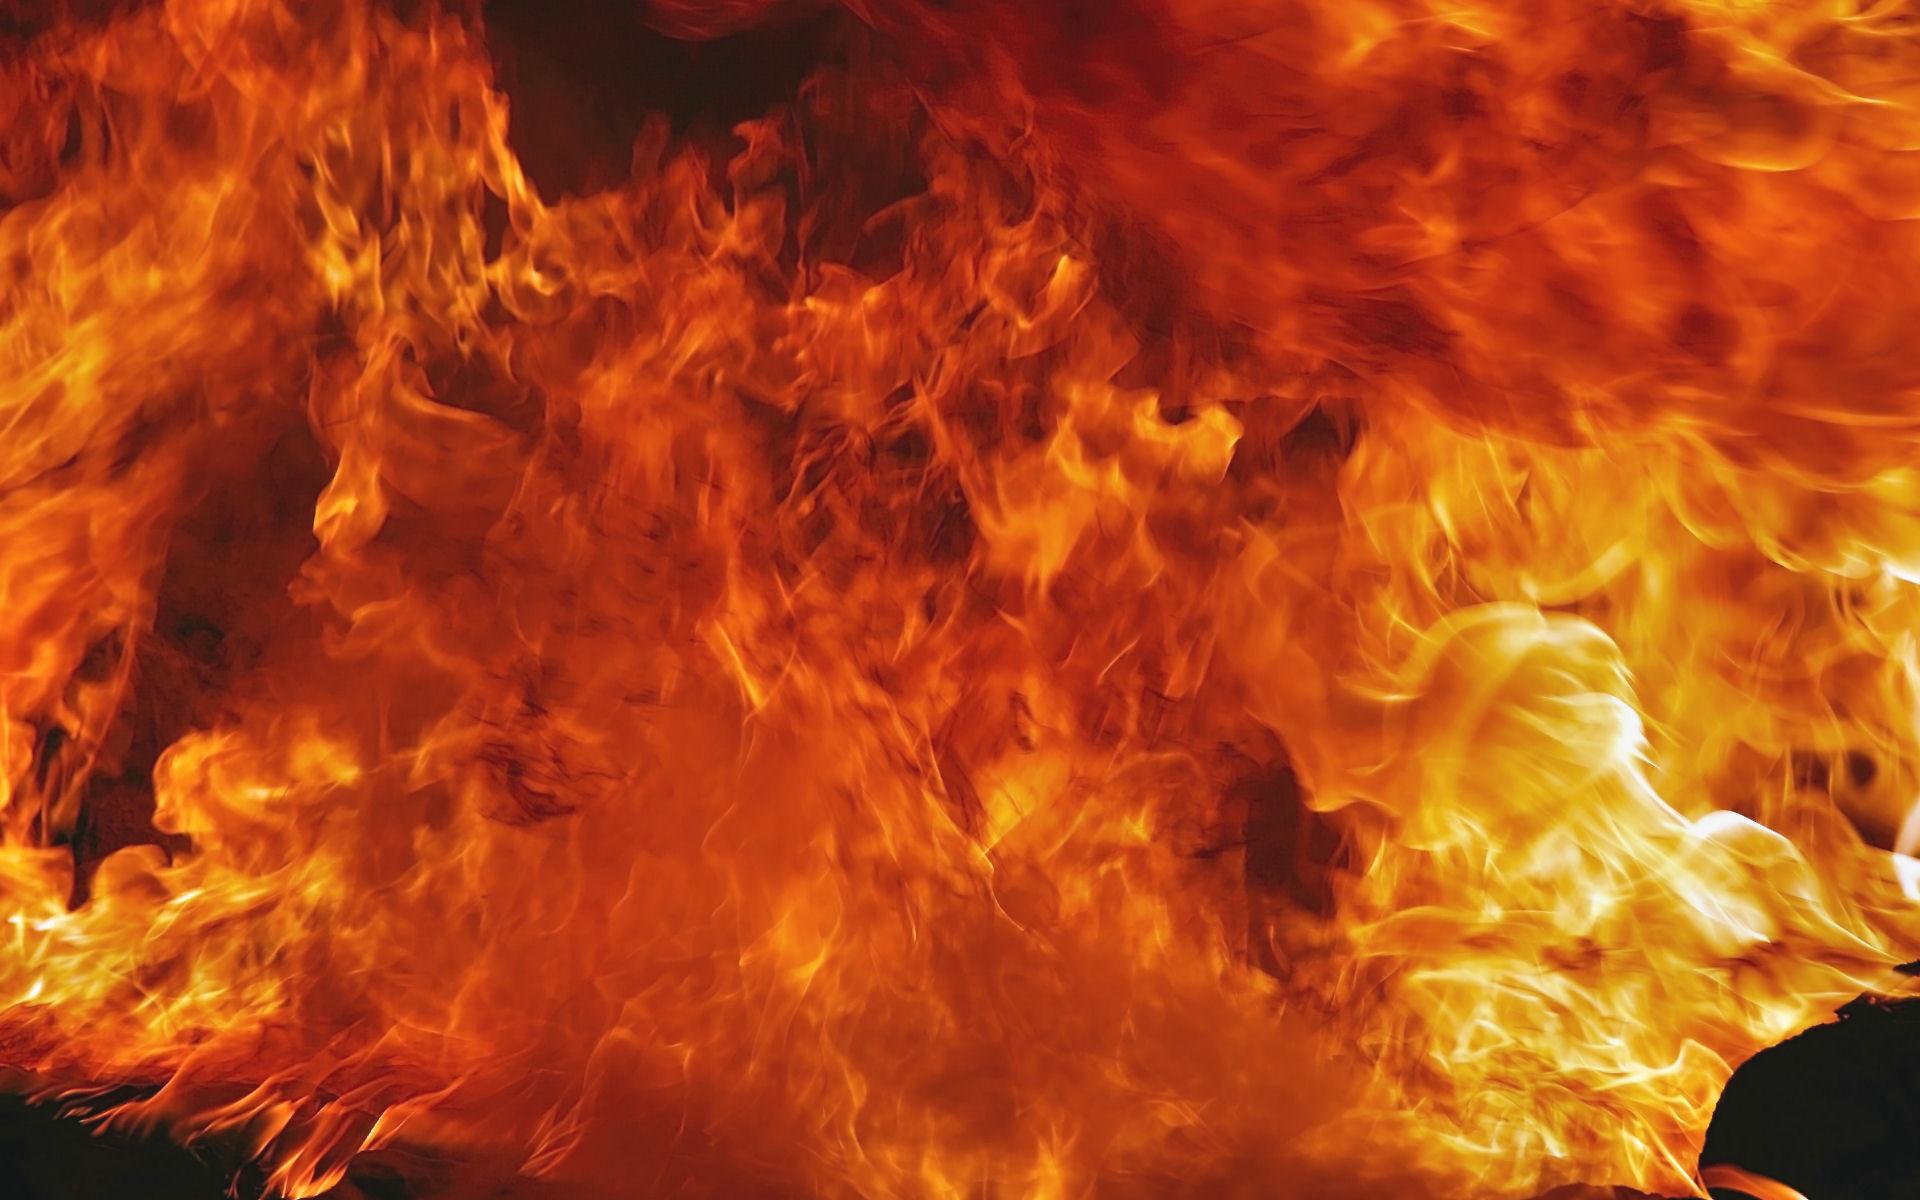 Fire flames abstract wallpaper 1920x1200 31901 WallpaperUP 1920x1200